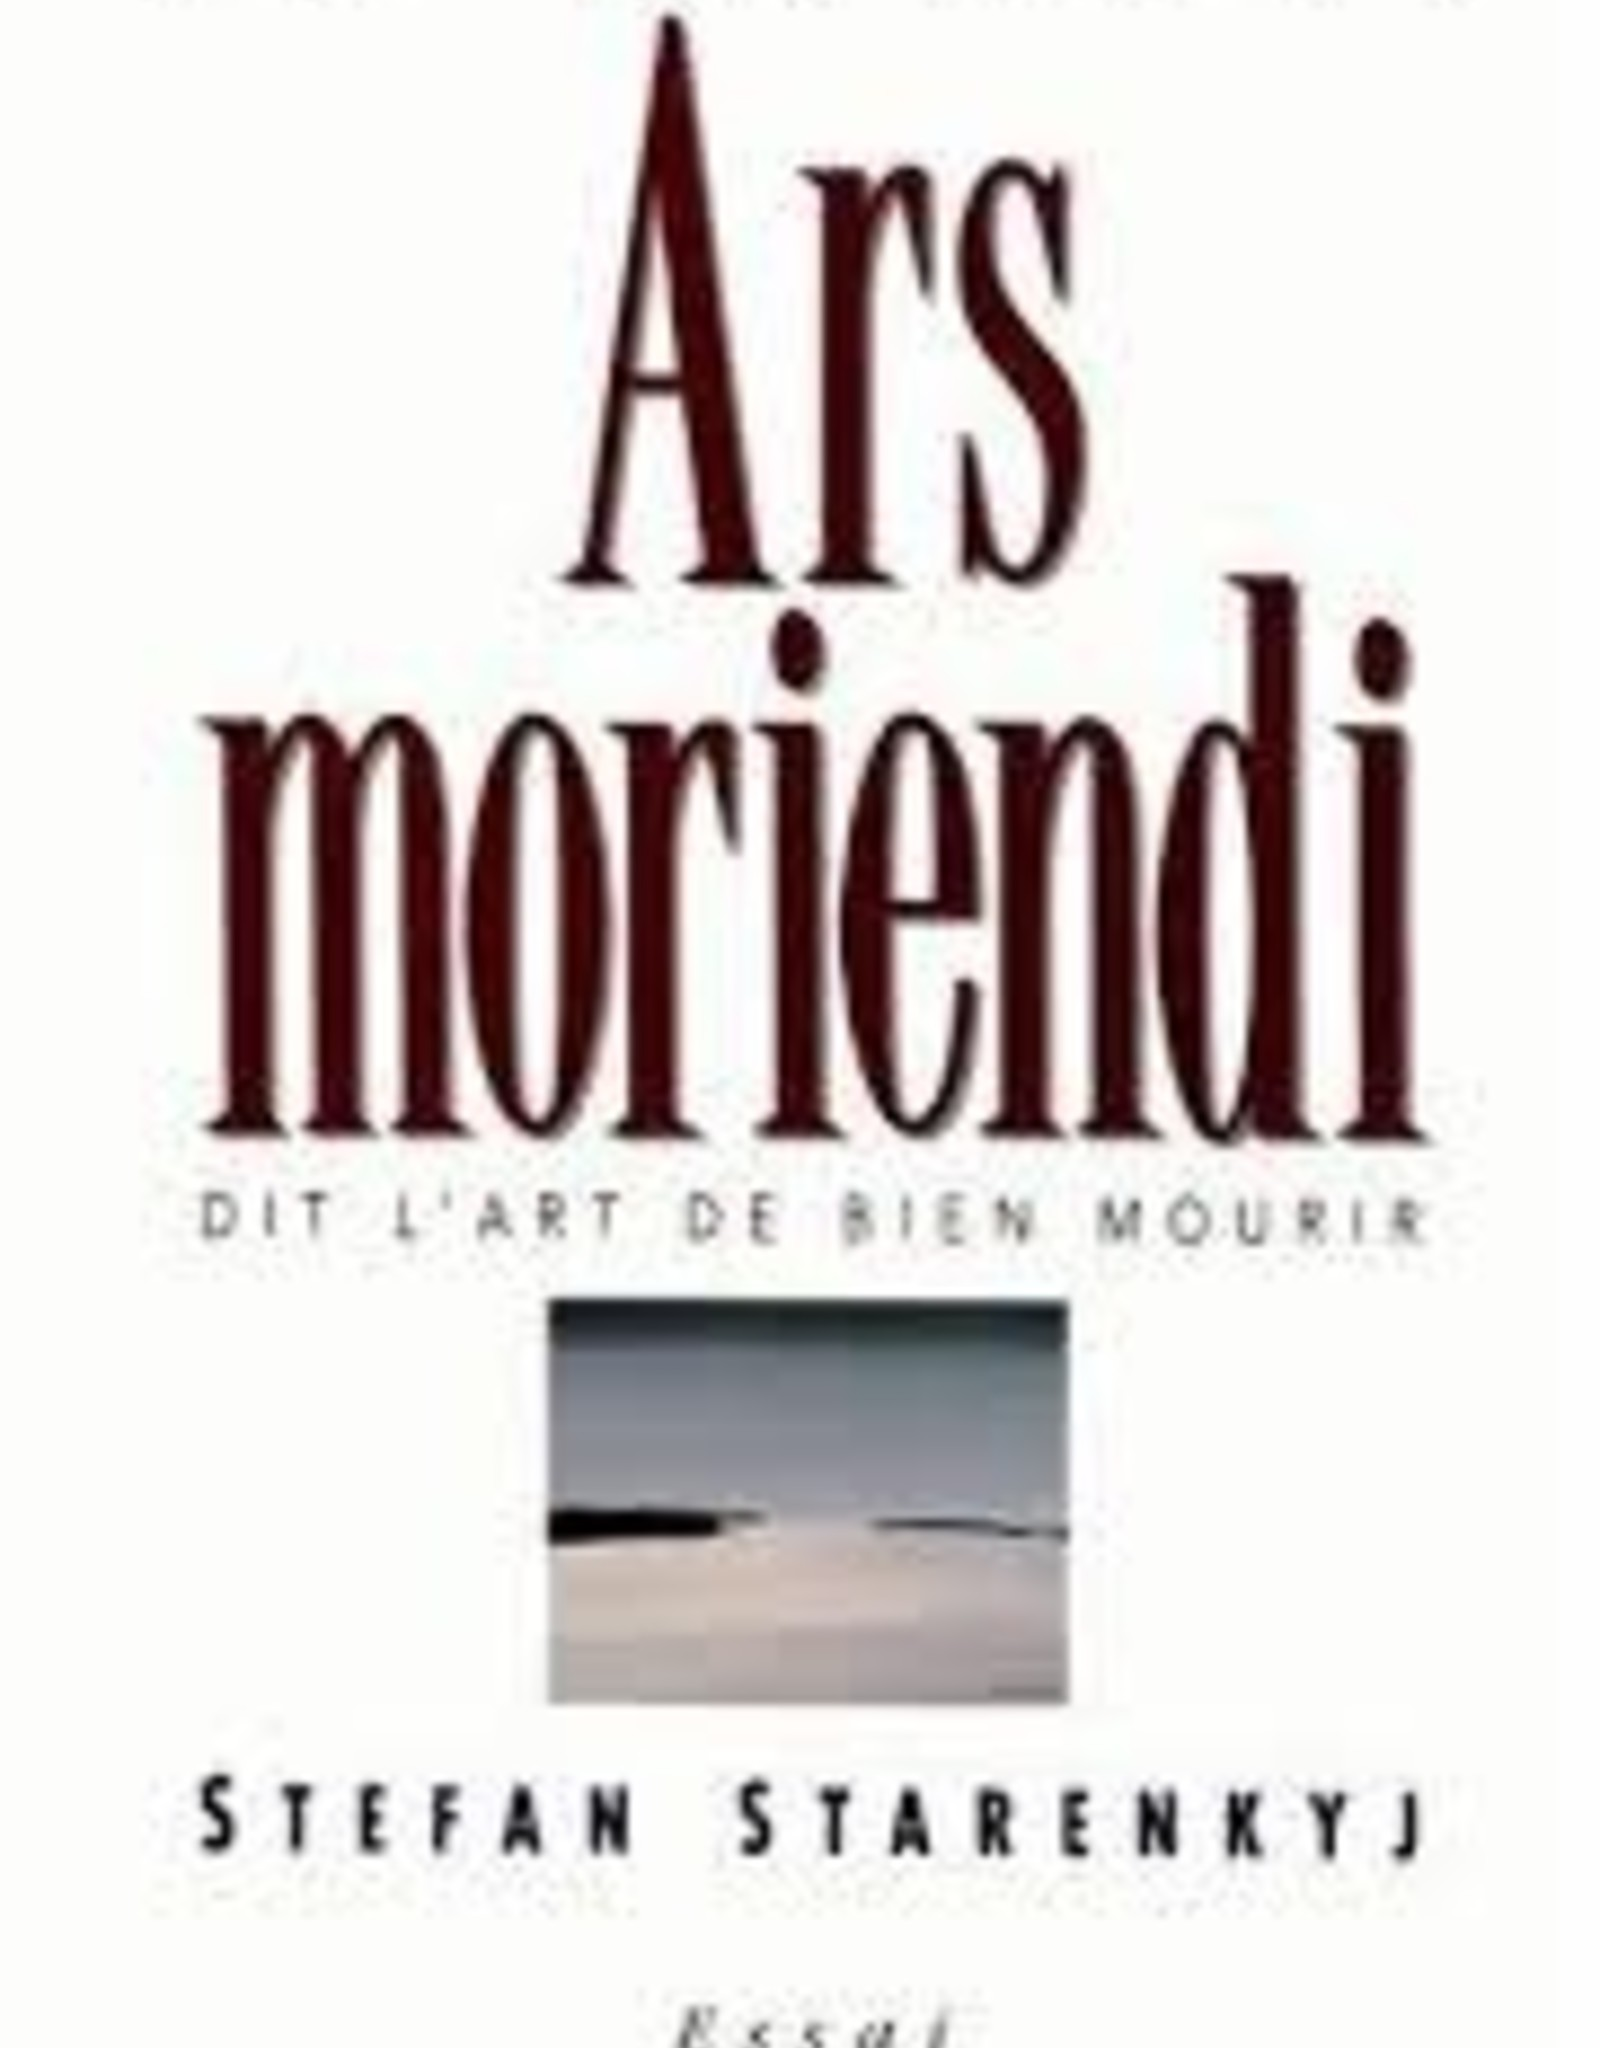 Stefan Starenkjy Le nouvel Ars moriendi - Art de bien mourir